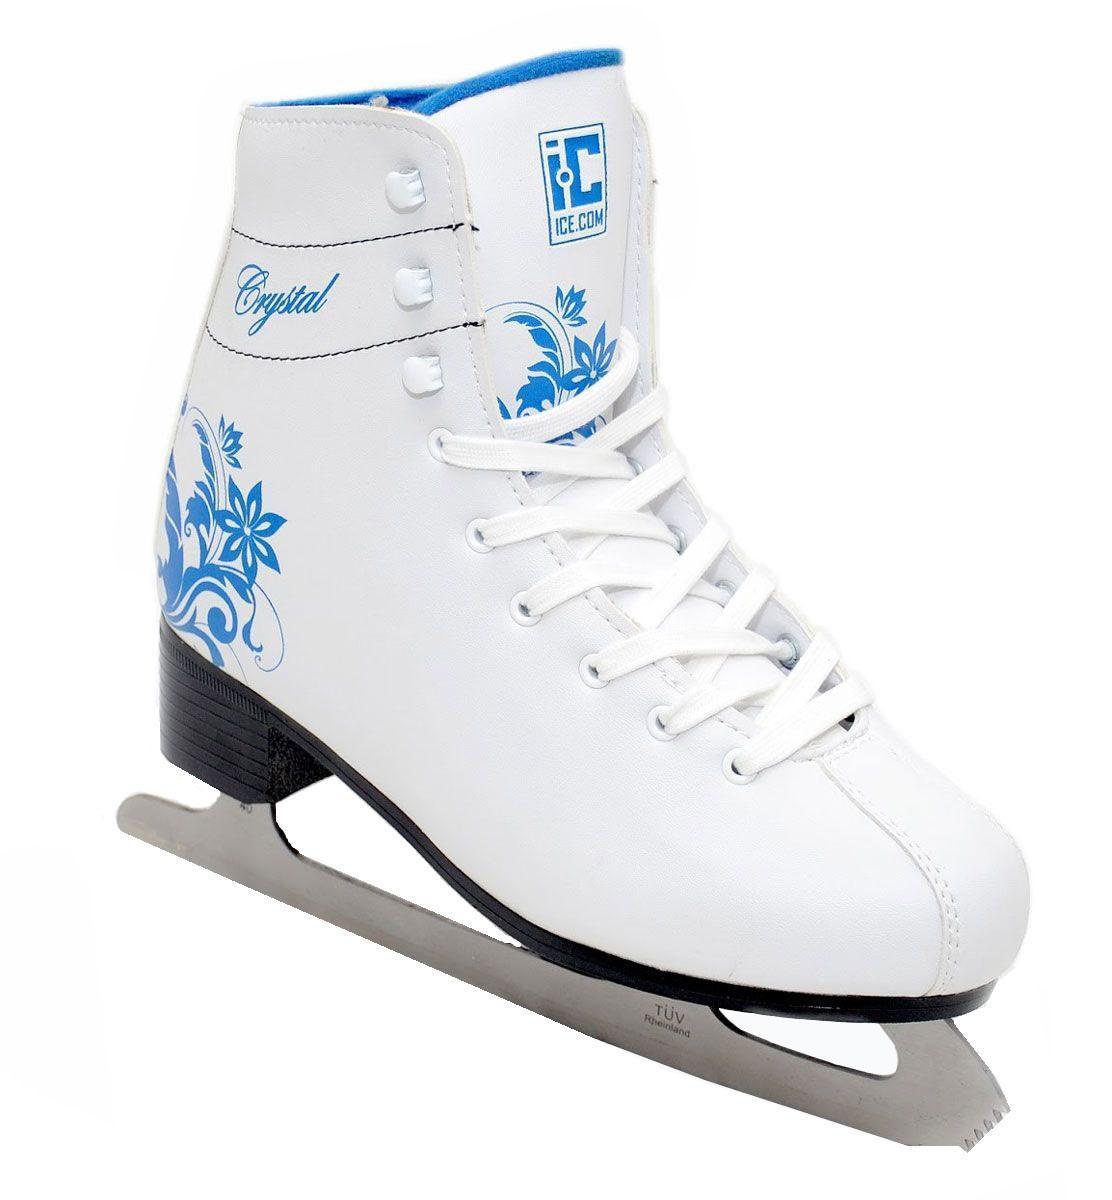 Коньки фигурные детские Ice.Com Crystal 2014-2015, цвет: синий, белый. Размер 34